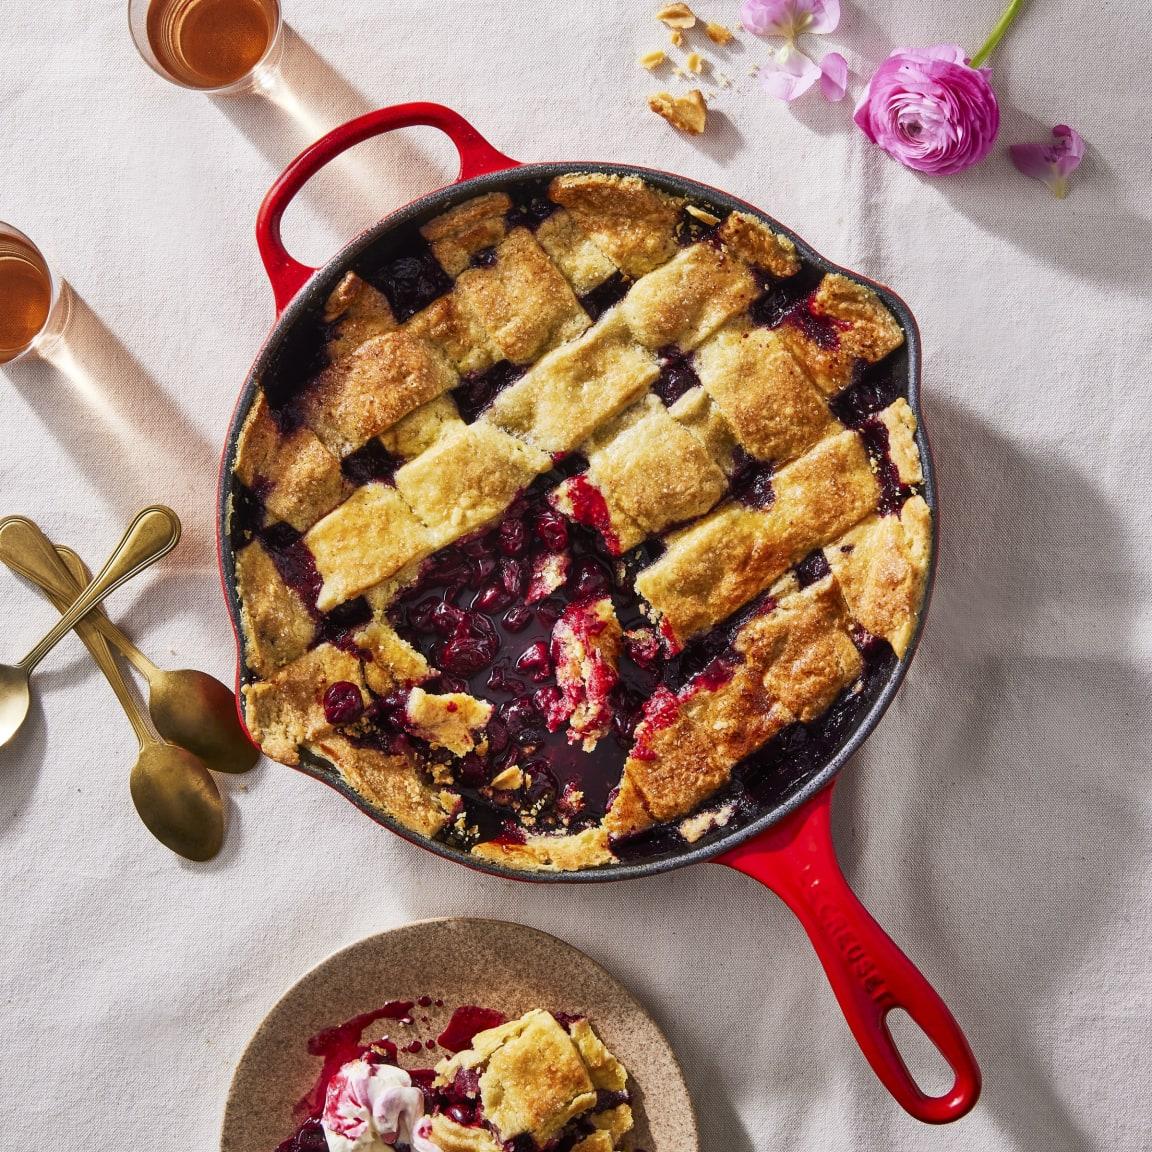 Recipe: Le Creuset - Cherry lattice pie